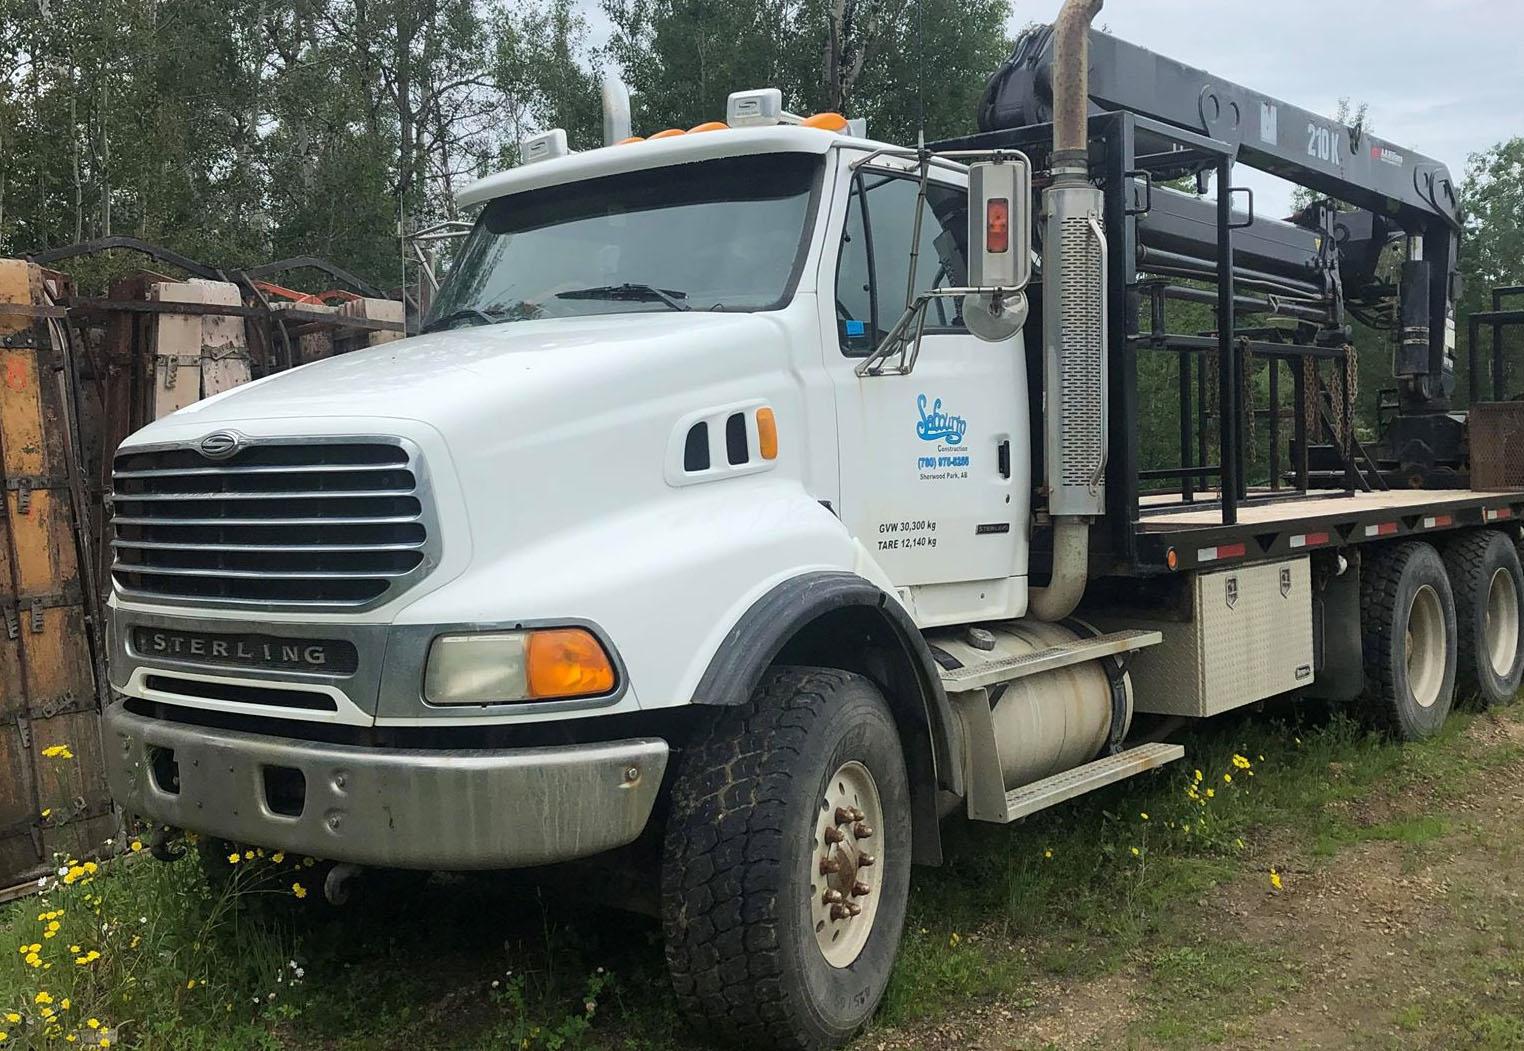 Truck120200928 209 mhw9qf